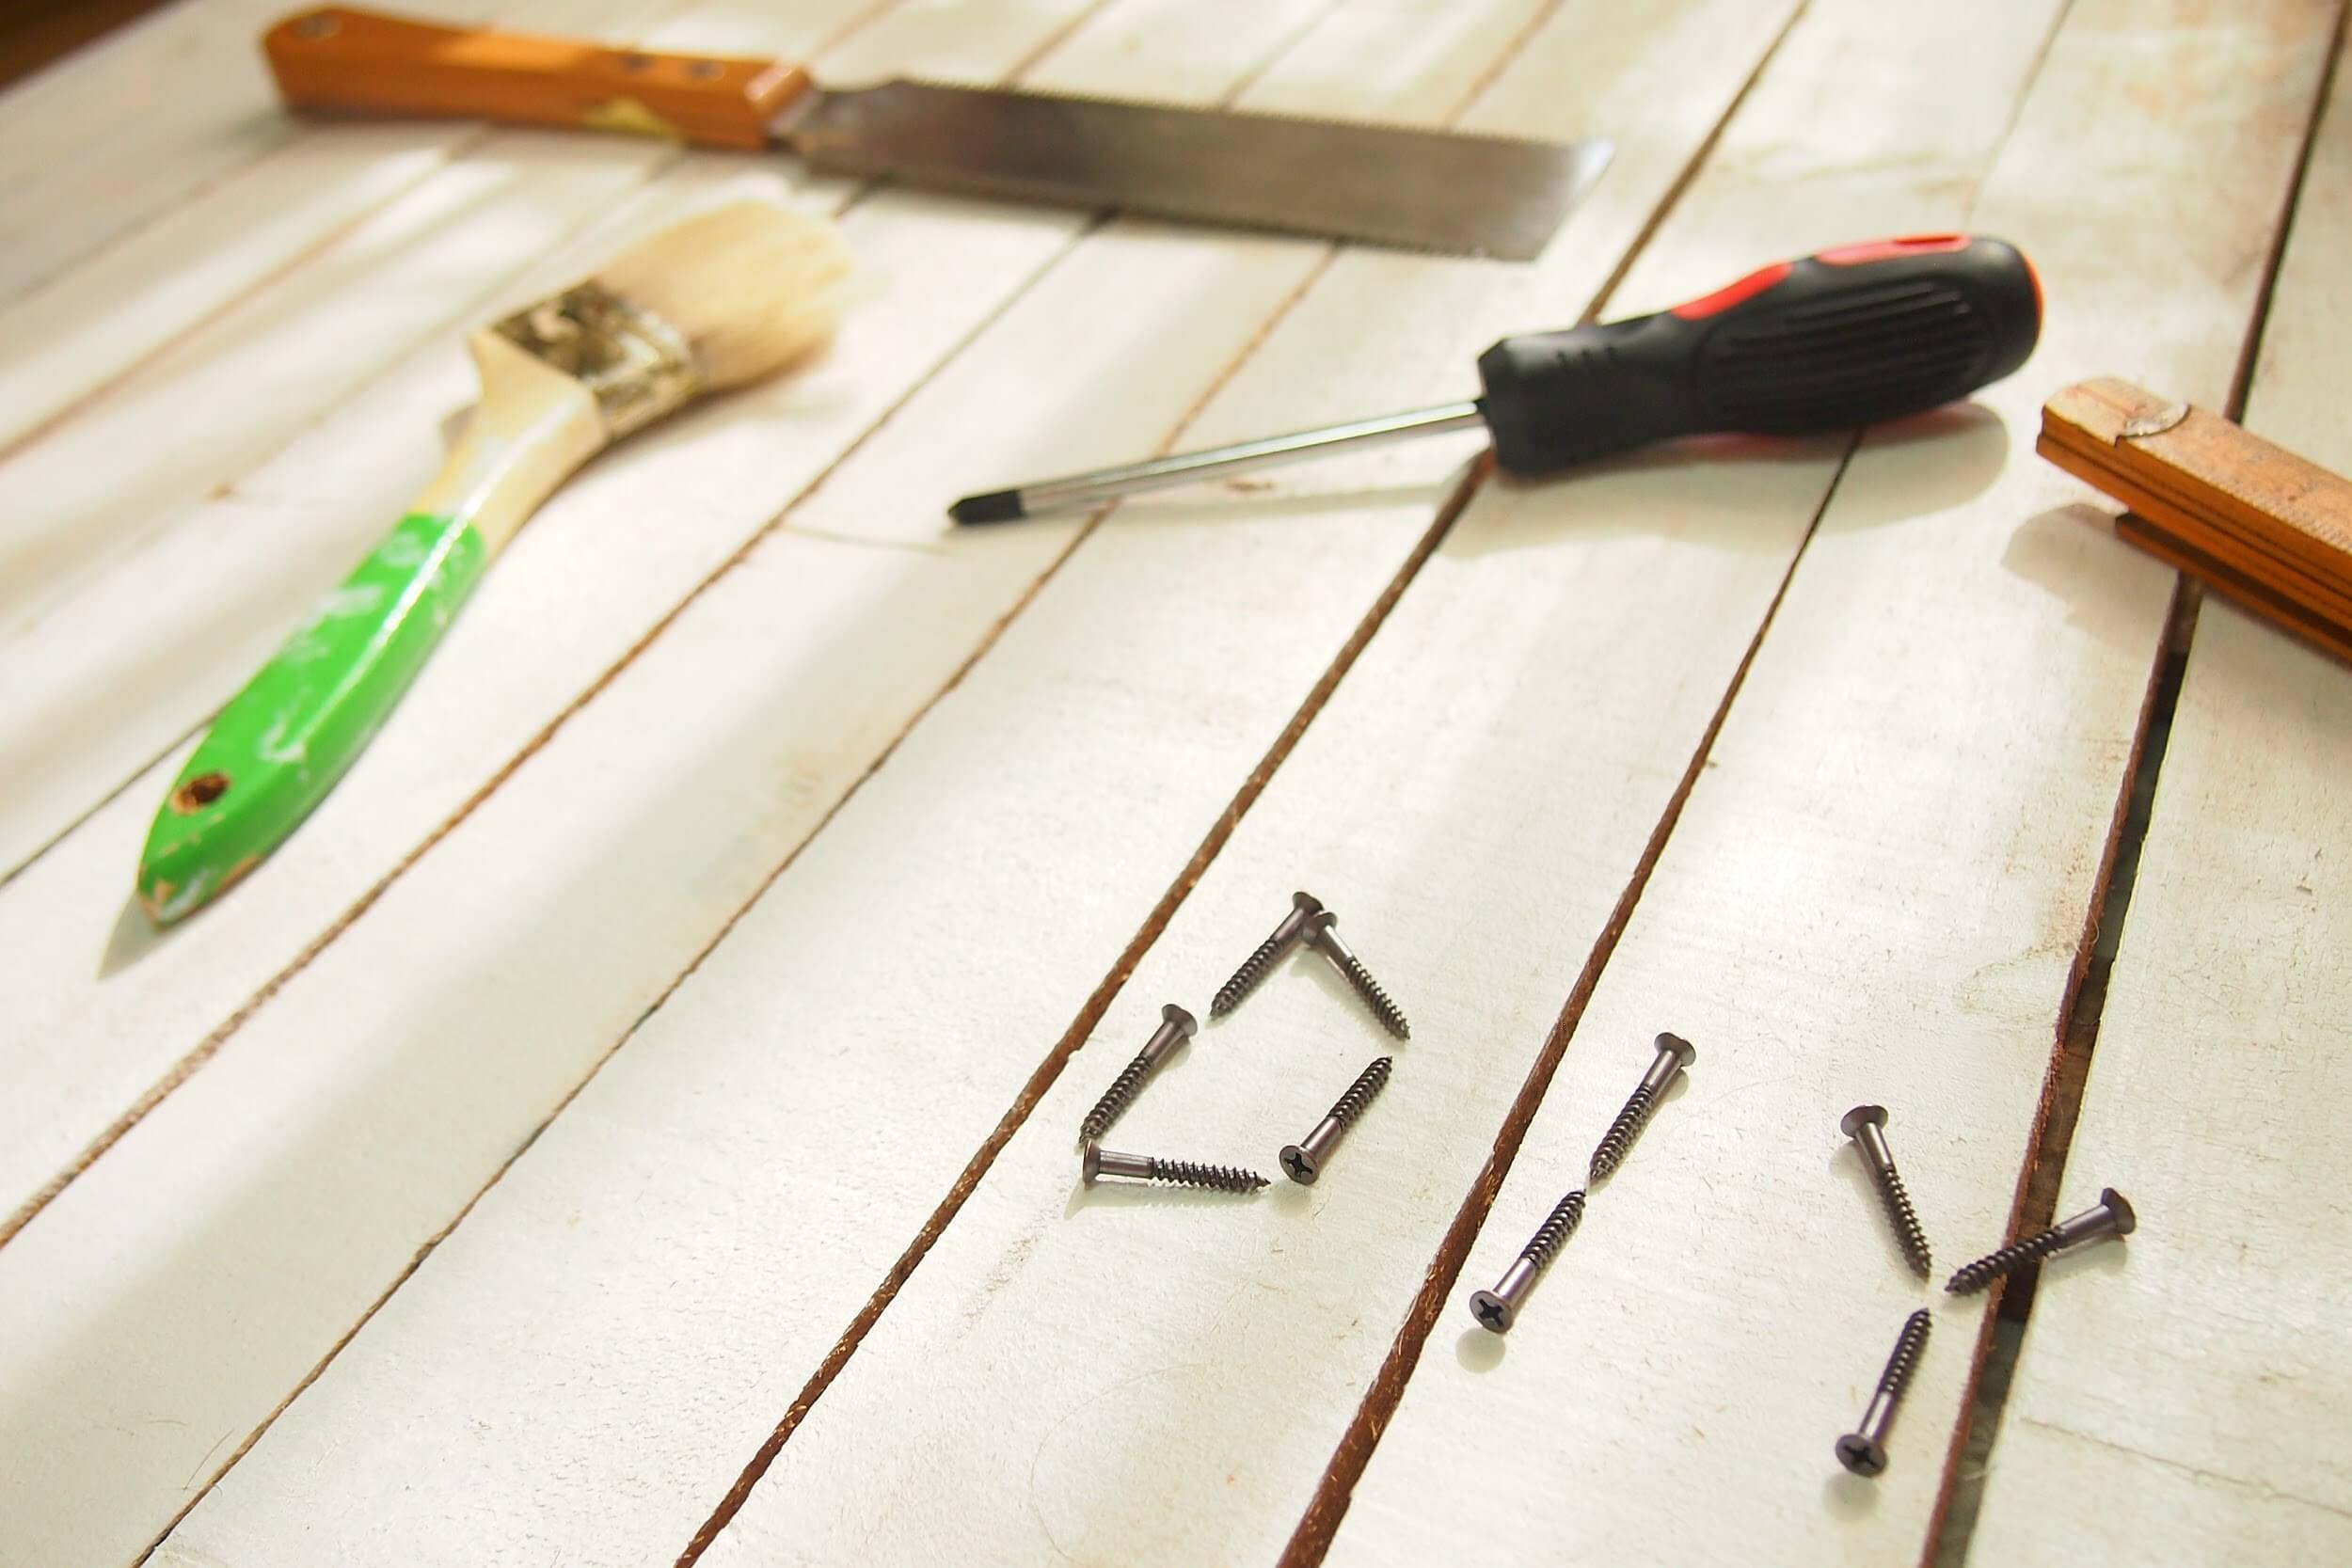 穴の大きさ別DIY修理法と費用